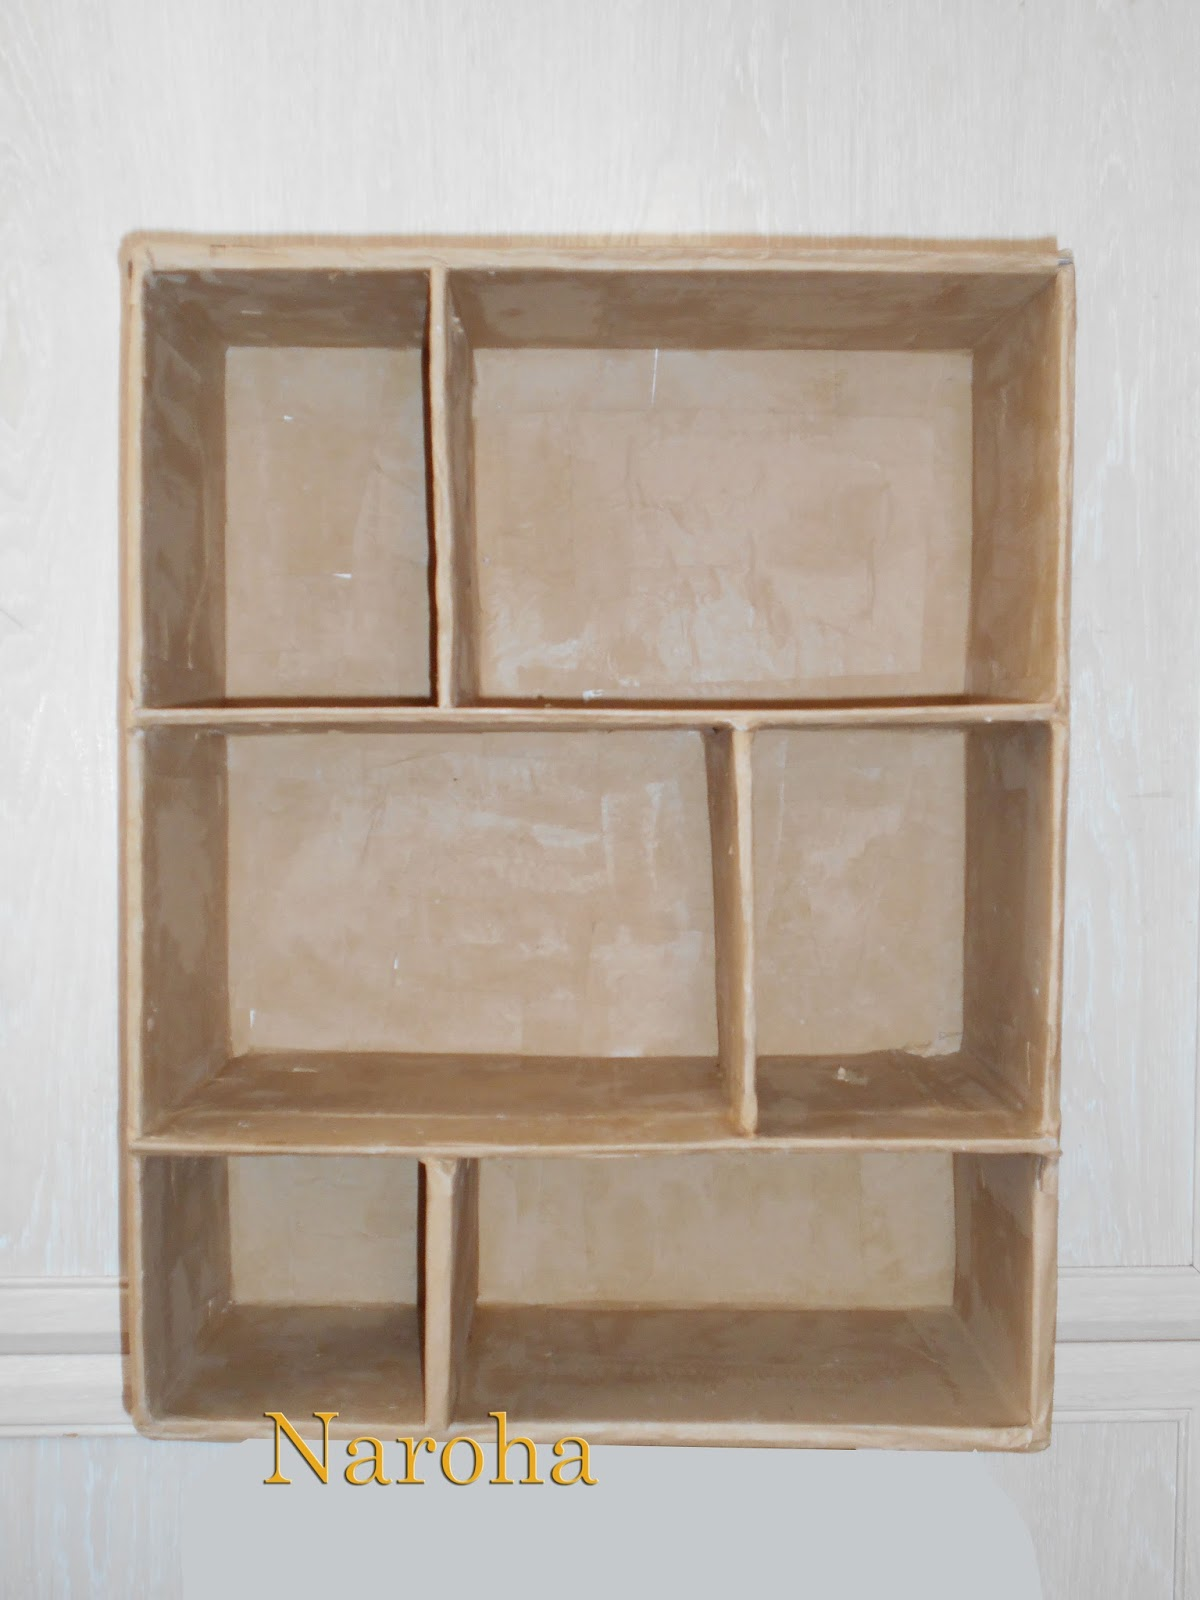 Naroha c mo hacer un mueble de cart n con cajones for Manual para armar un mueble